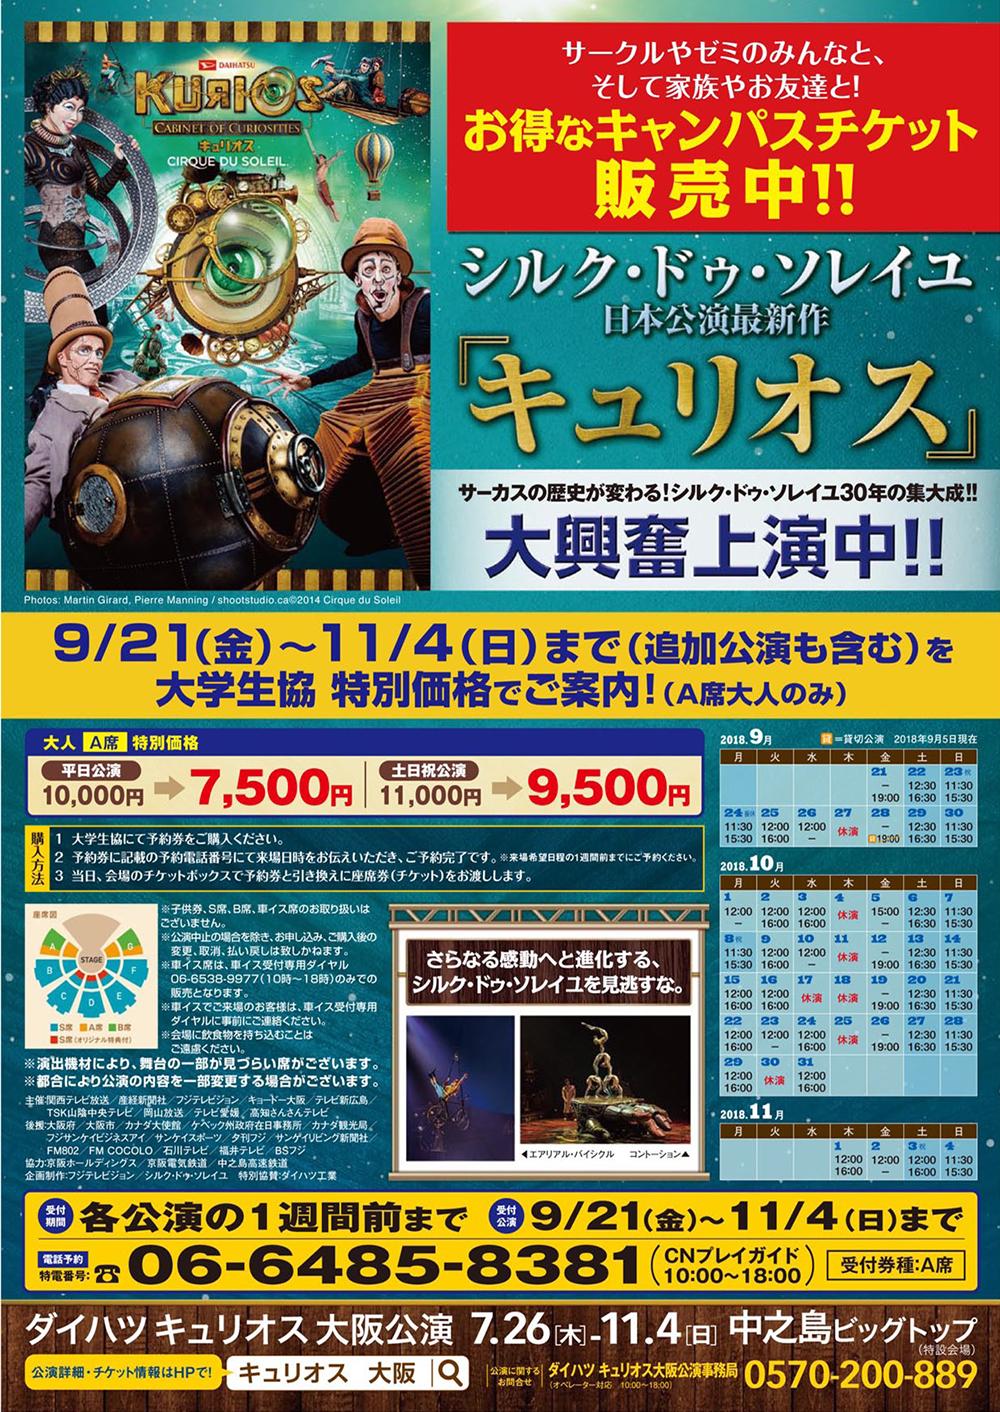 シルク・ドゥ・ソレイユ日本公演最新作『キュリオス』